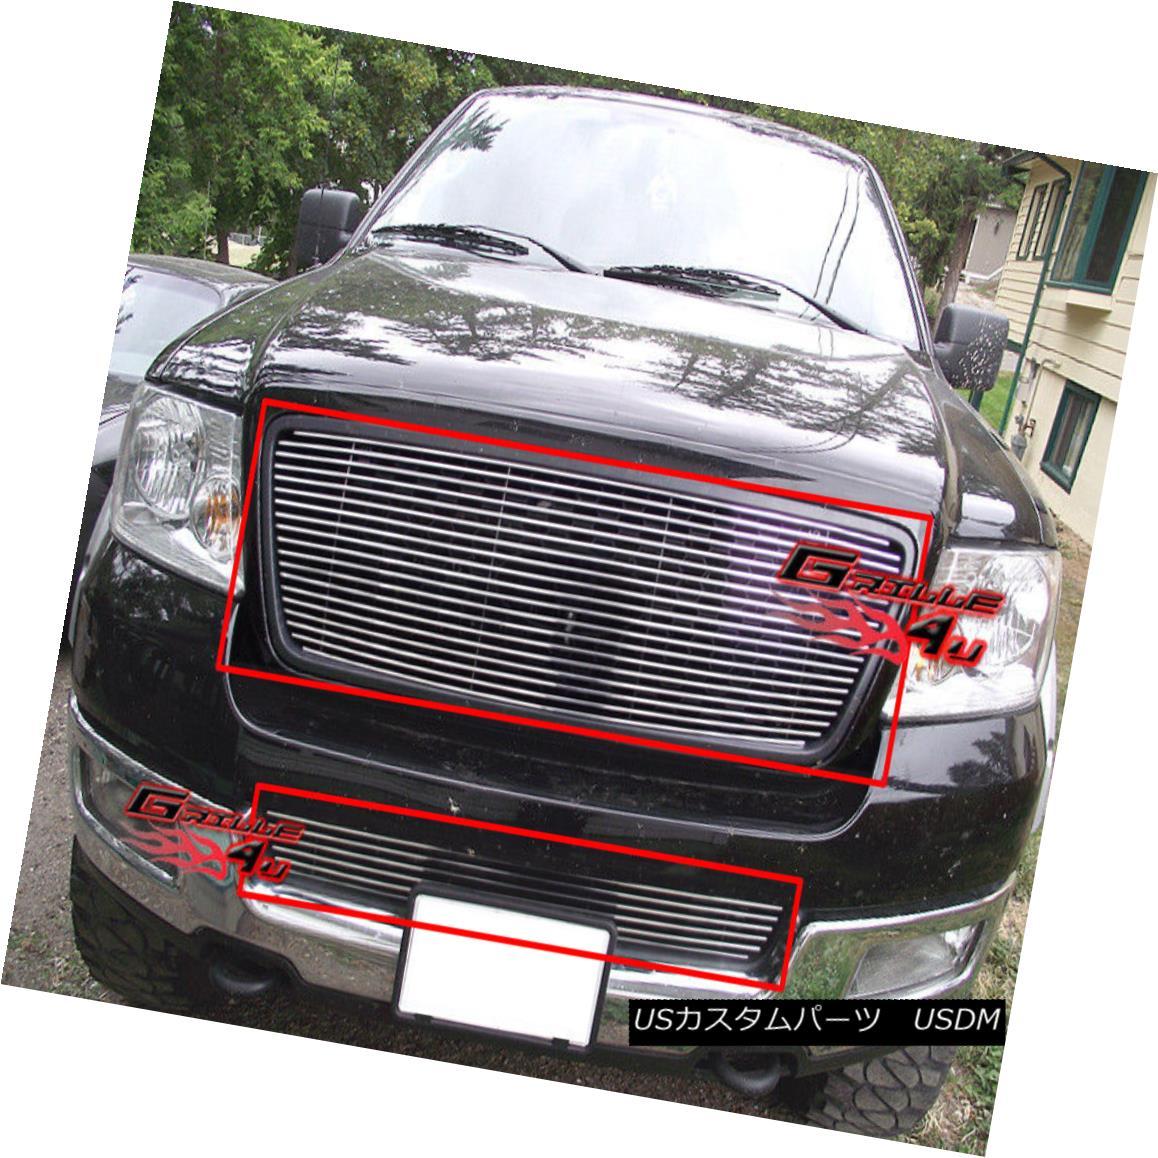 グリル Fits 04-05 Ford F-150 Honeycomb Style Billet Grille Combo Insert フィット04-05 Ford F-150ハニカムスタイルビレットグリルコンボインサート